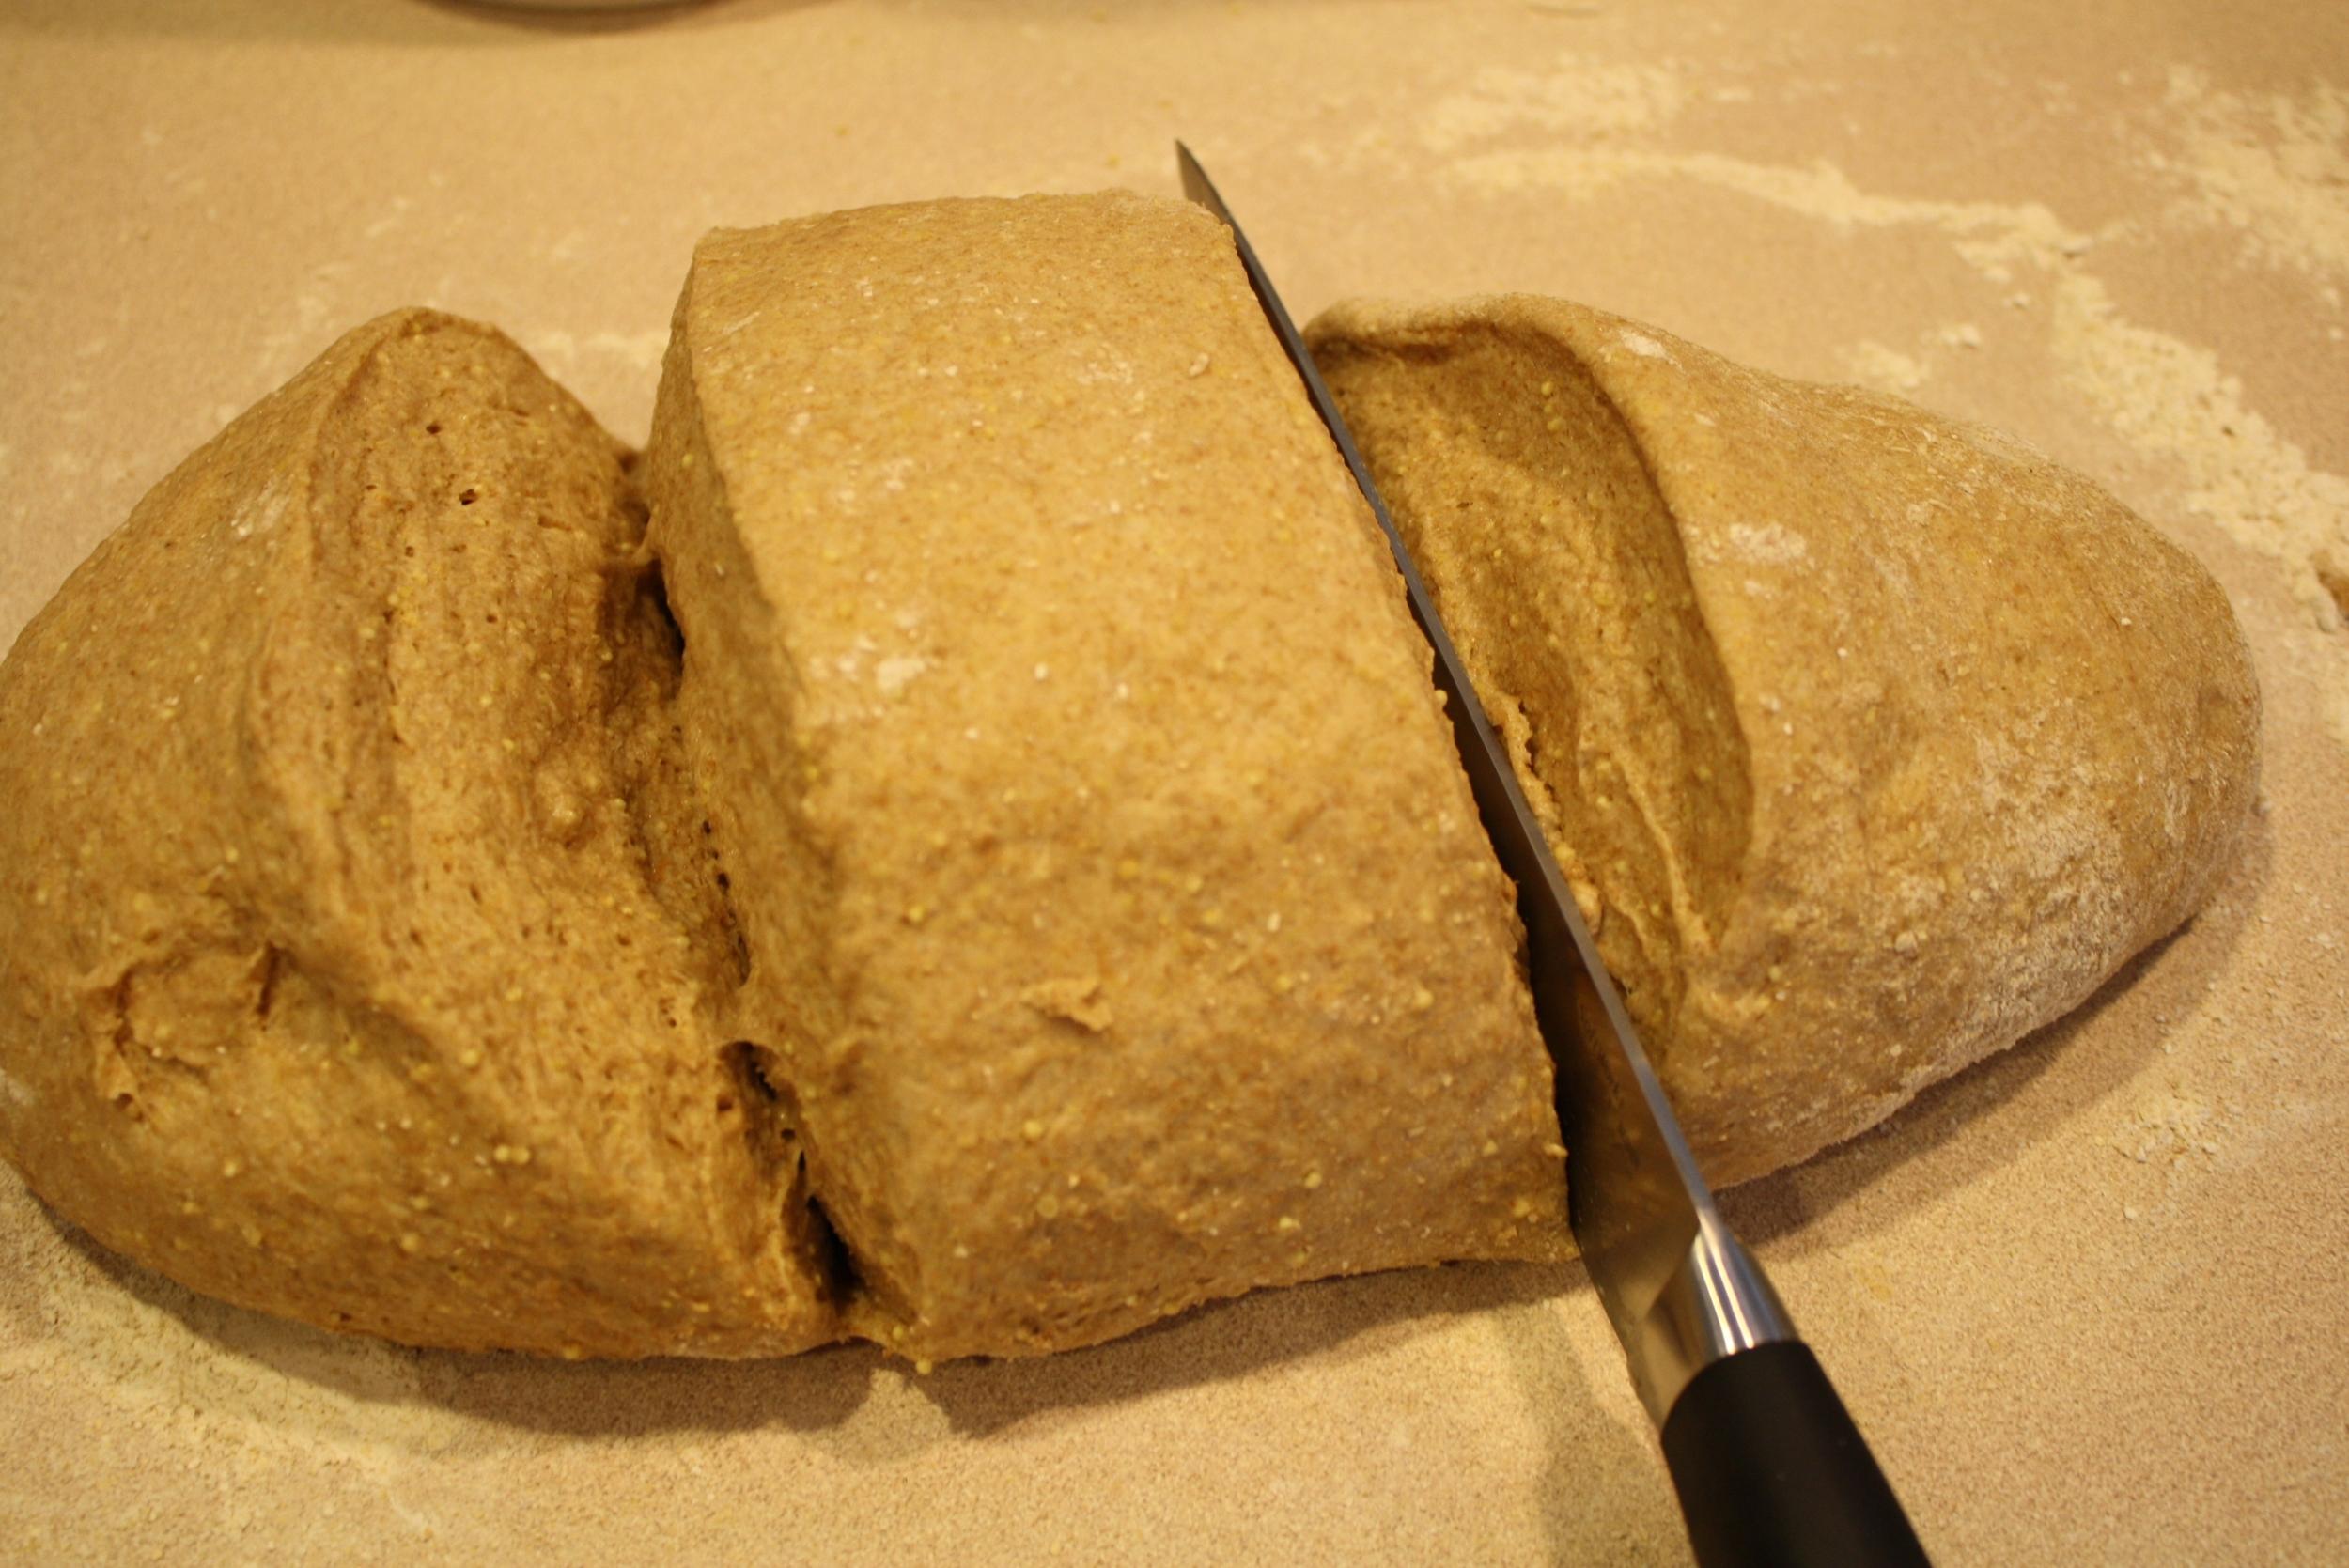 Slice dough into 3 equal (ish) pieces